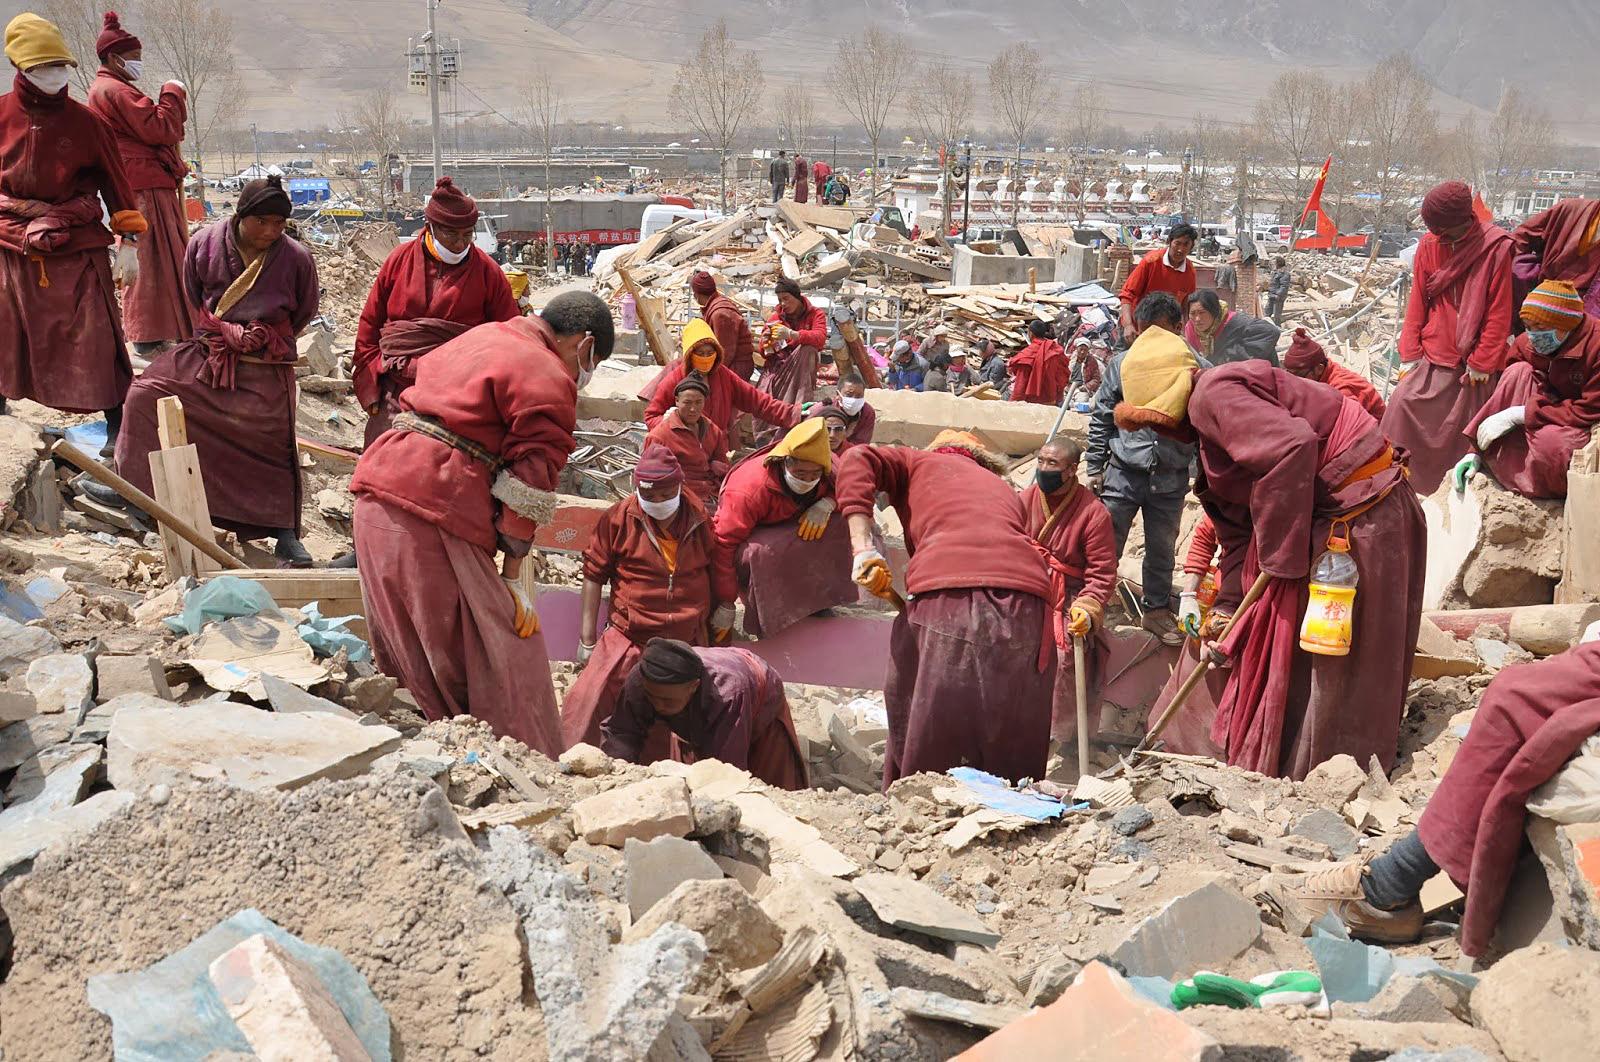 Khenpo Karma leidde het reddingswerkzaamheden bij de Yushu aardbeving.